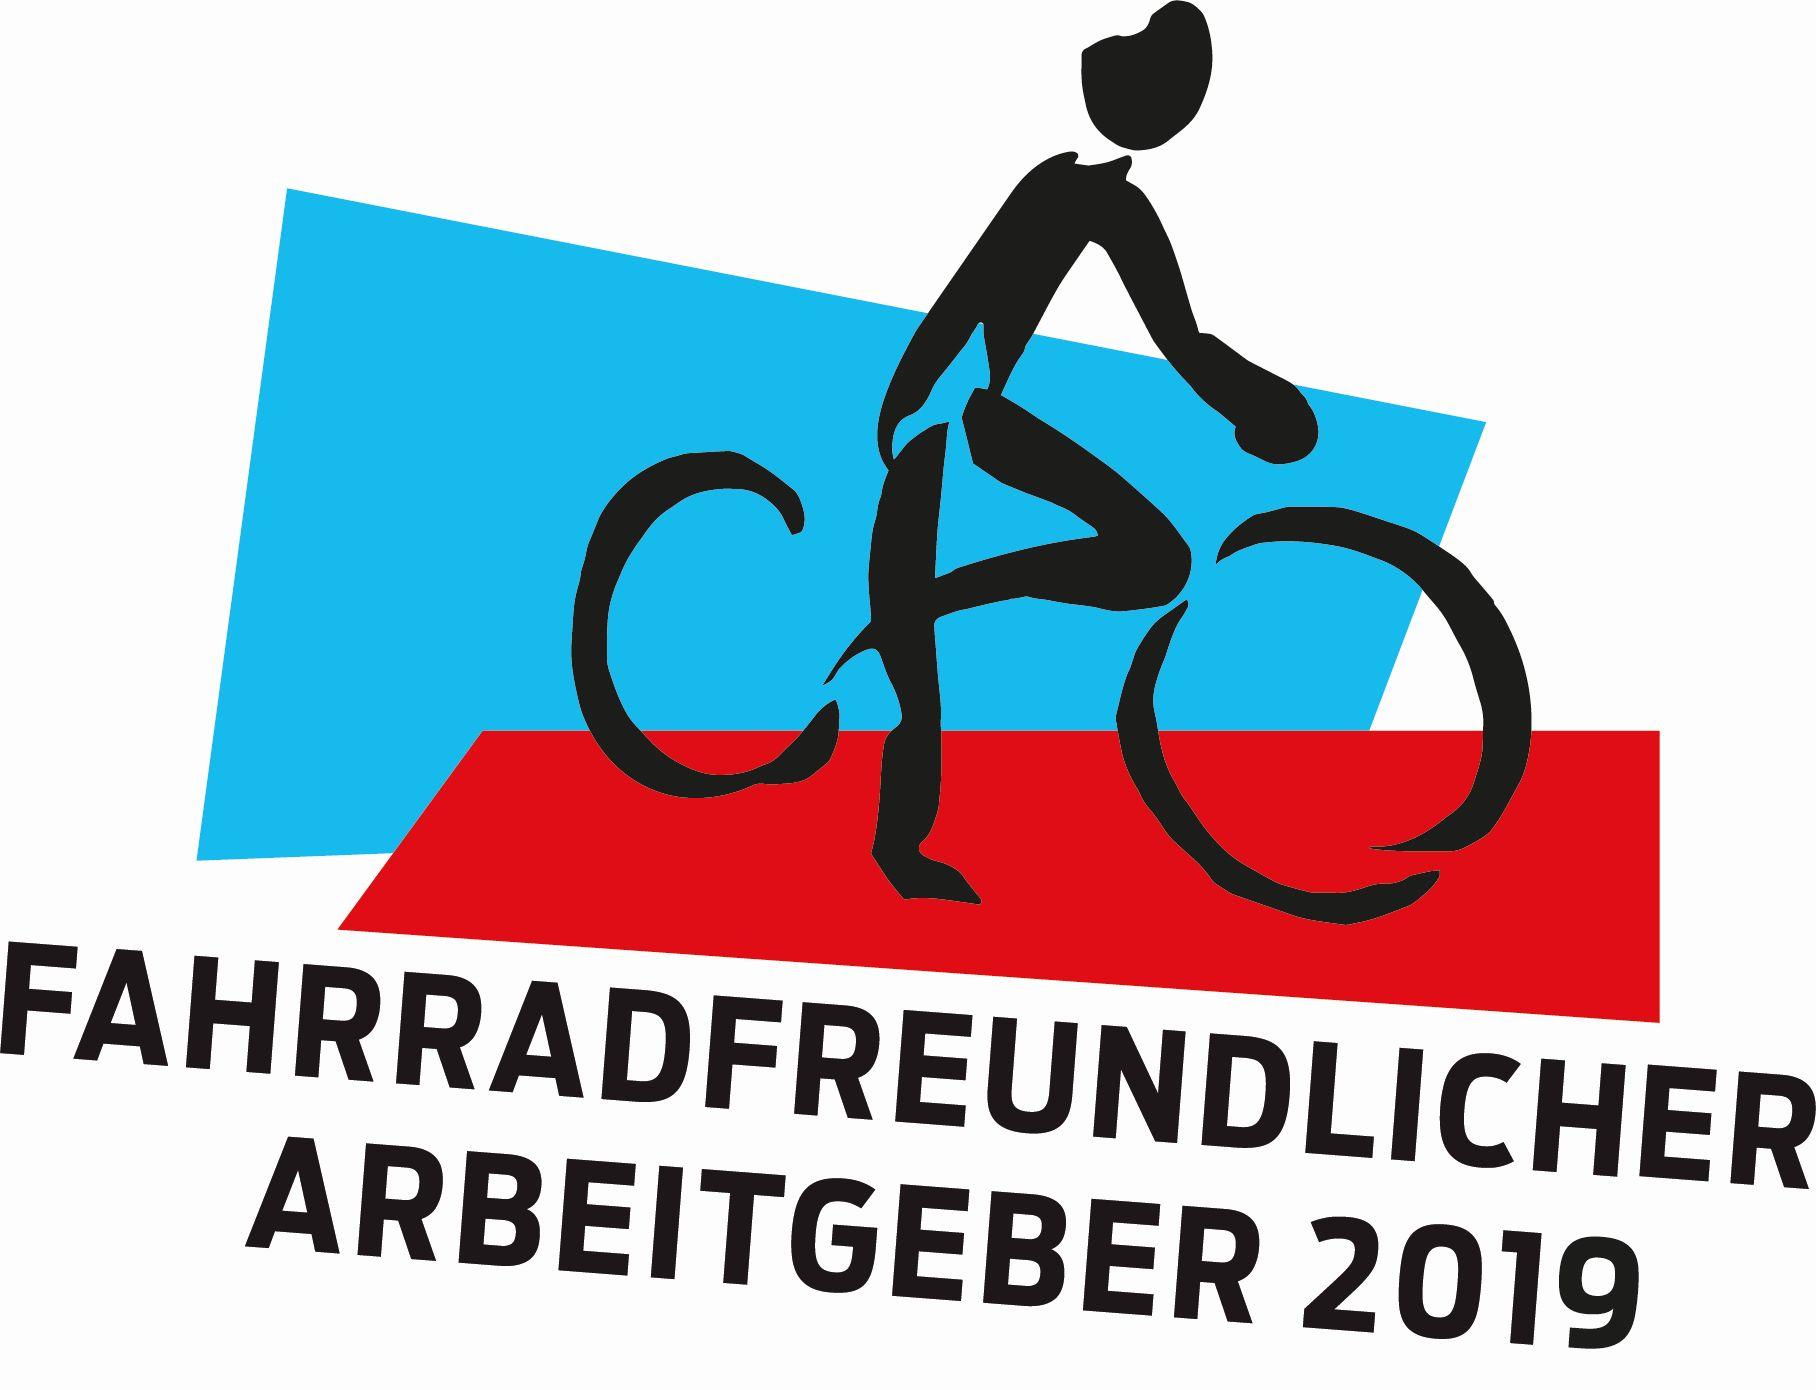 Wettbewerb Fahrradfreundlicher Arbeitgeber 2019